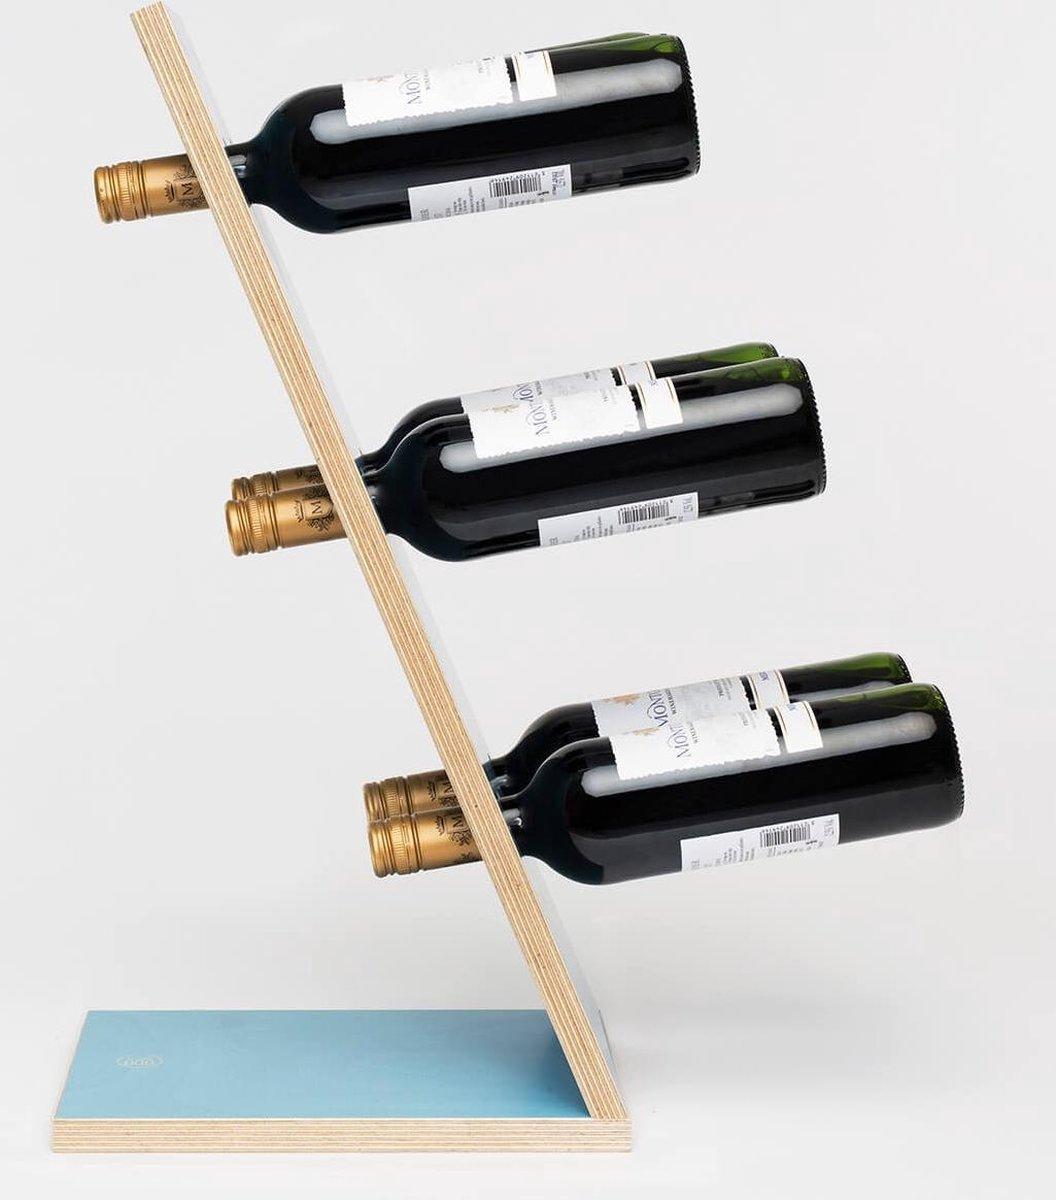 Compact Six Blue Wijnrek - Klein staand flessenrek van hout voor 6 wijnflessen met een uniek en modern design